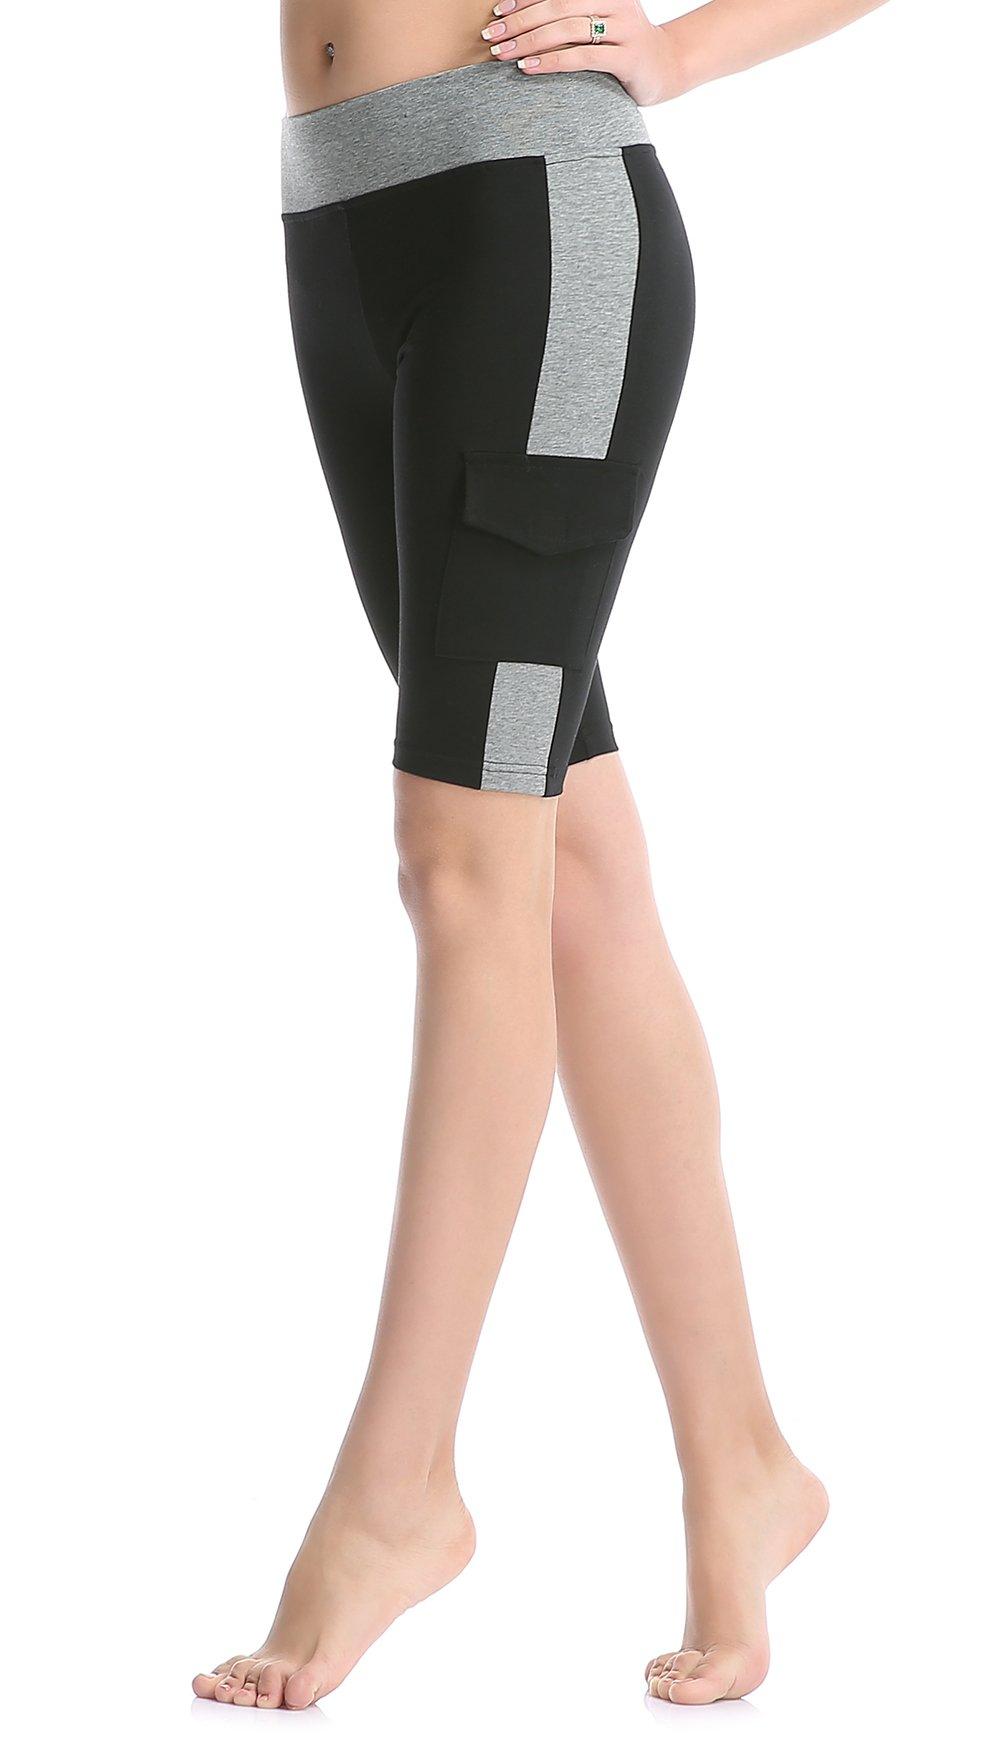 ABUSA Women's Cotton Workout Bike Yoga Shorts - Tummy Control S Gray by ABUSA